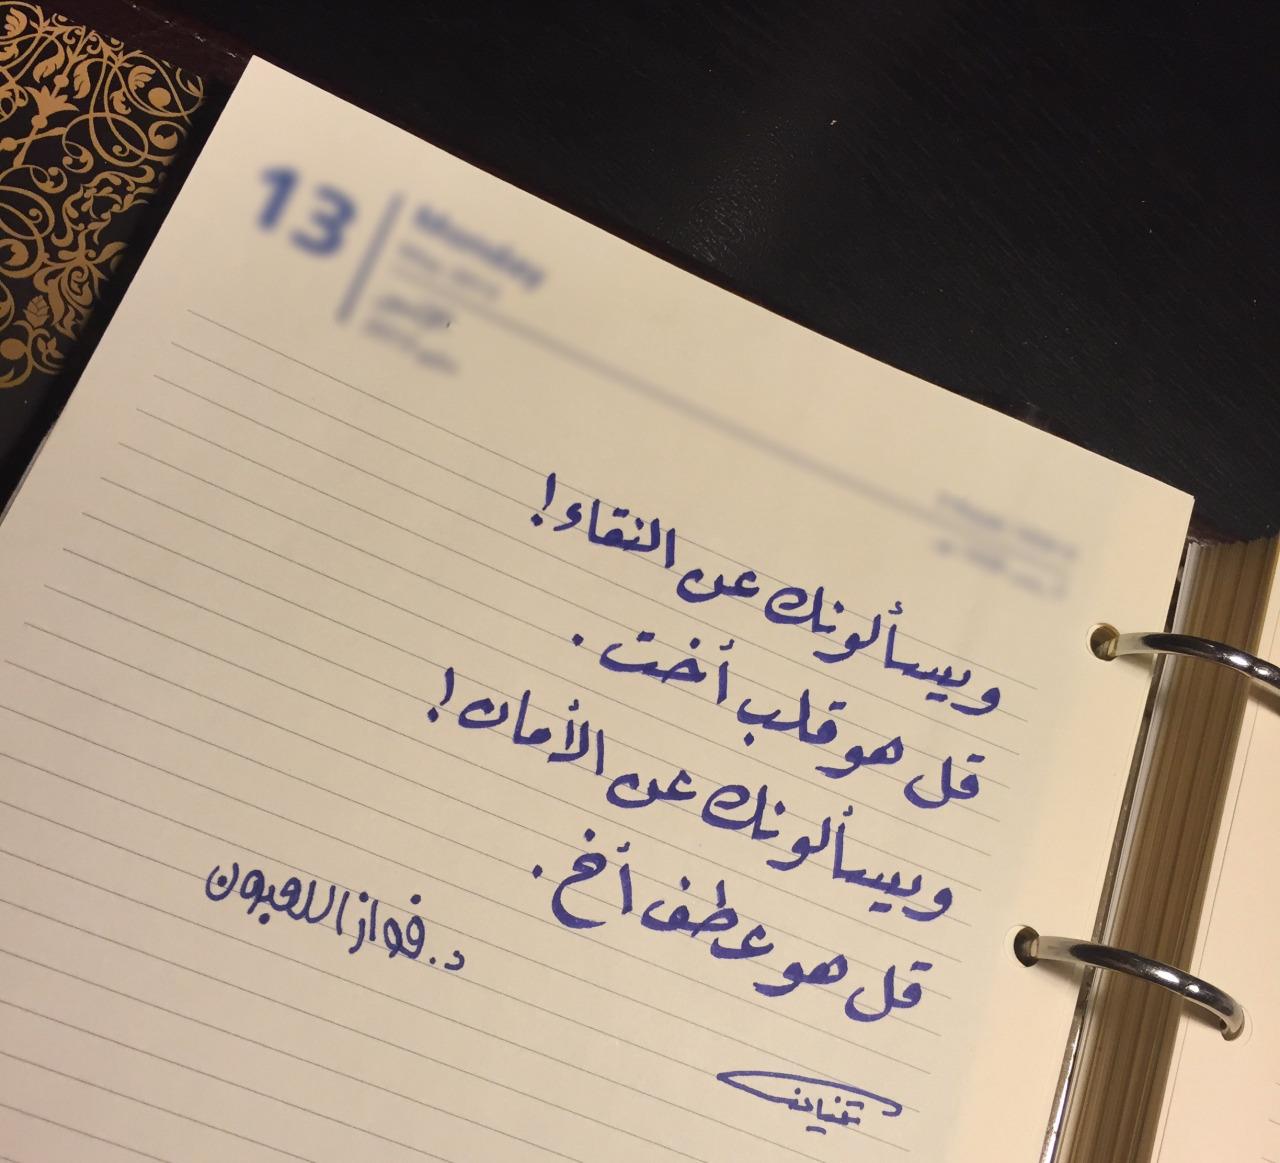 صوره عبارات عن الاخ للواتس اب , اجمل كلمات شعريه لوصف الاخ